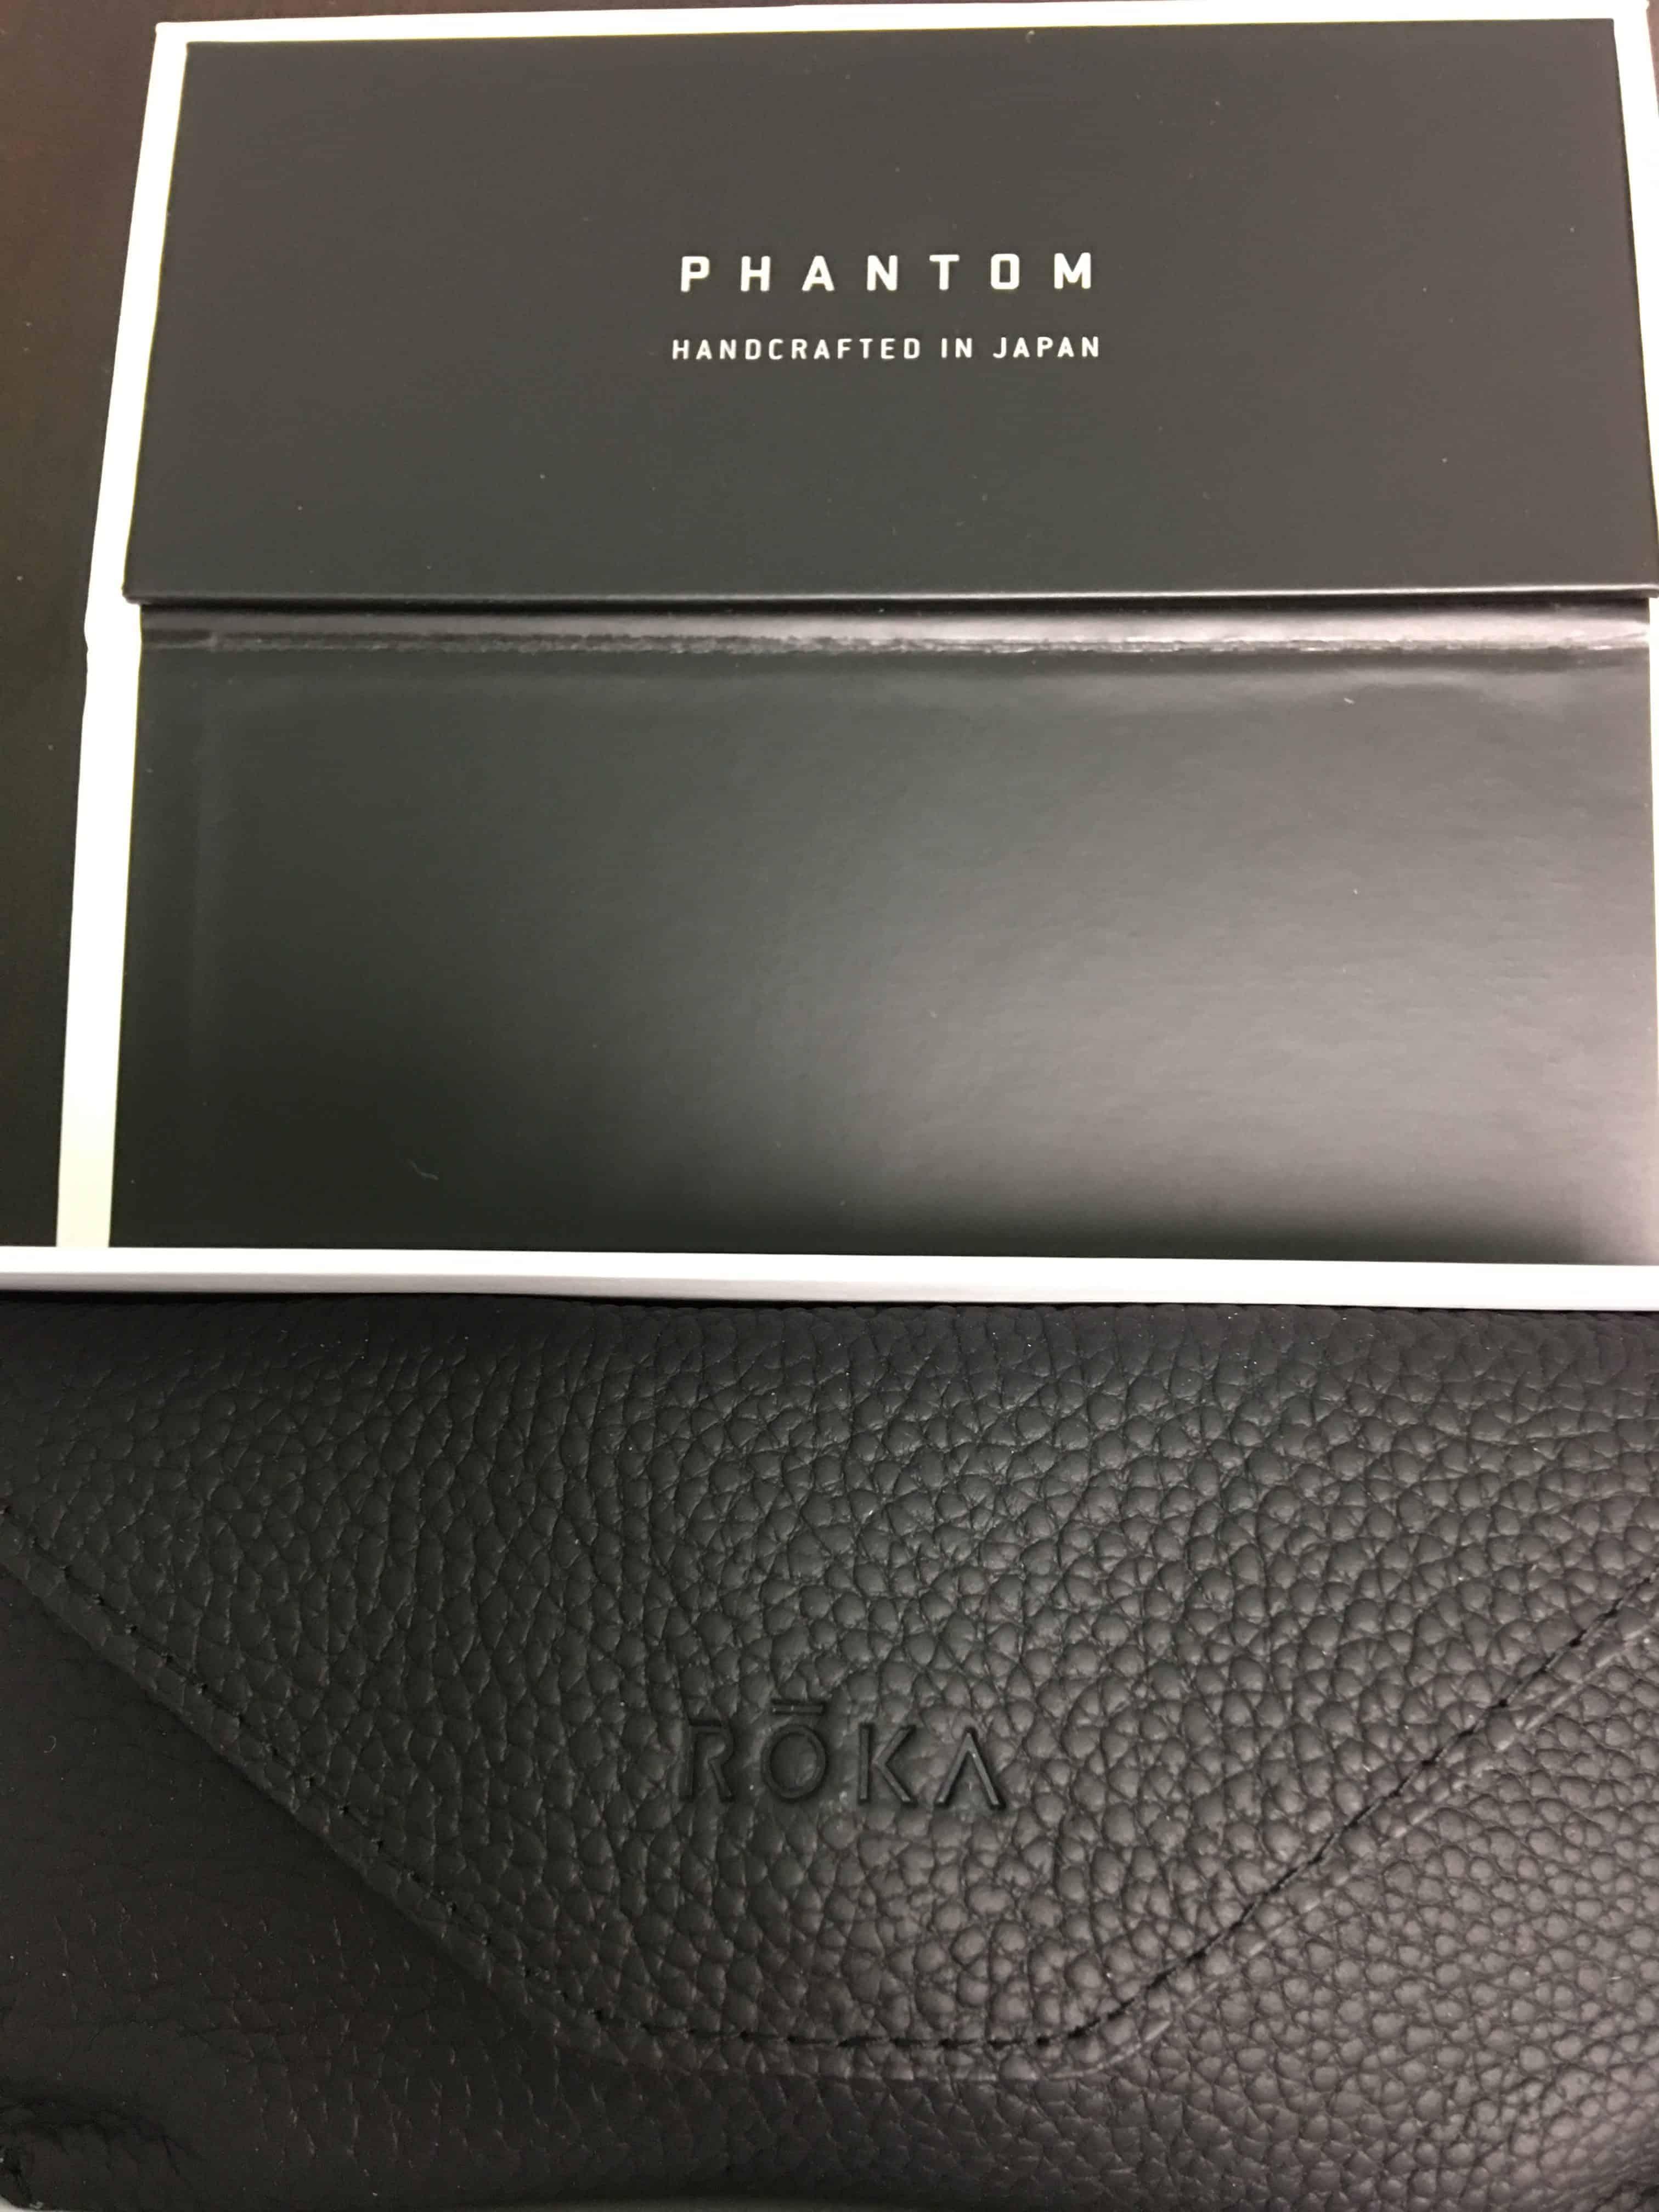 665cd572e8 Holiday Gift Idea  ROKA Phantom Sunglasses ⋆ NY LifeStyle Blog